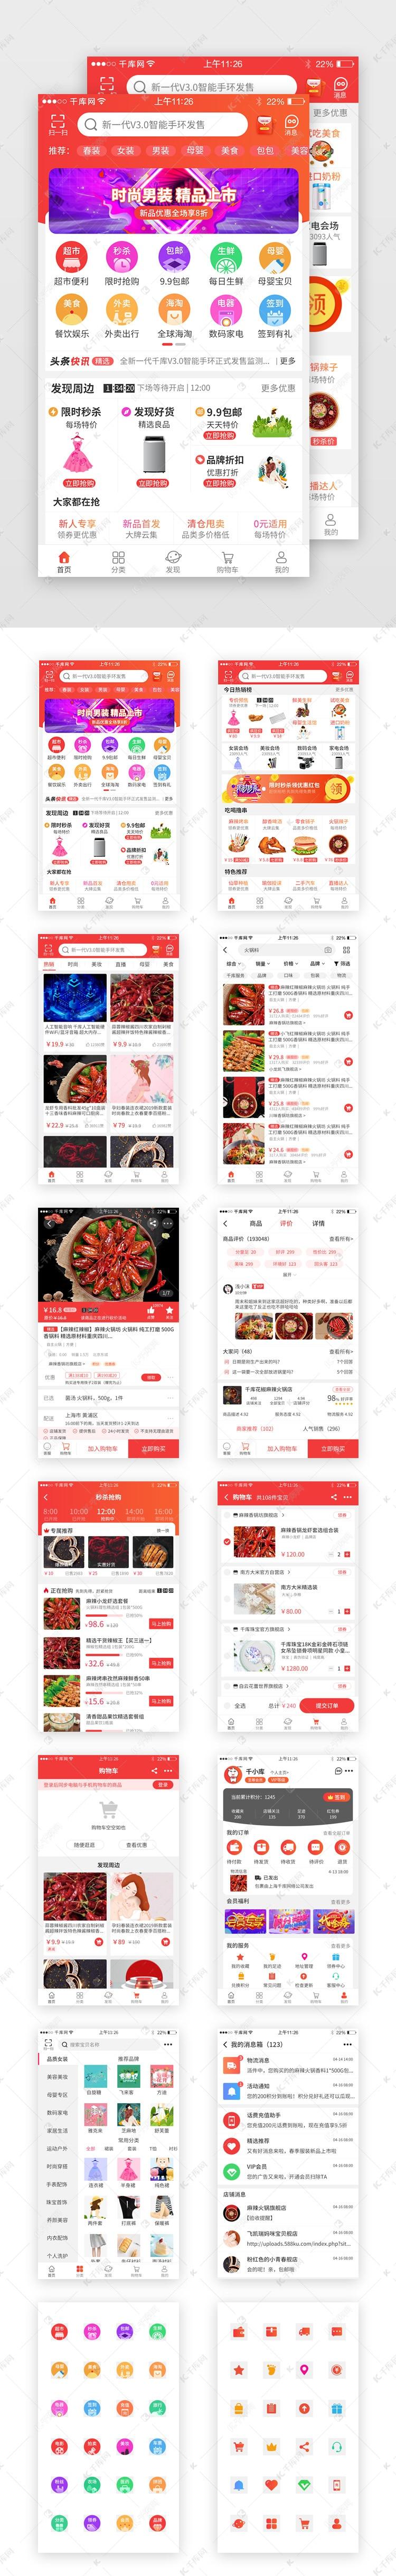 2019红色综合电商app界面设计套图psd源码